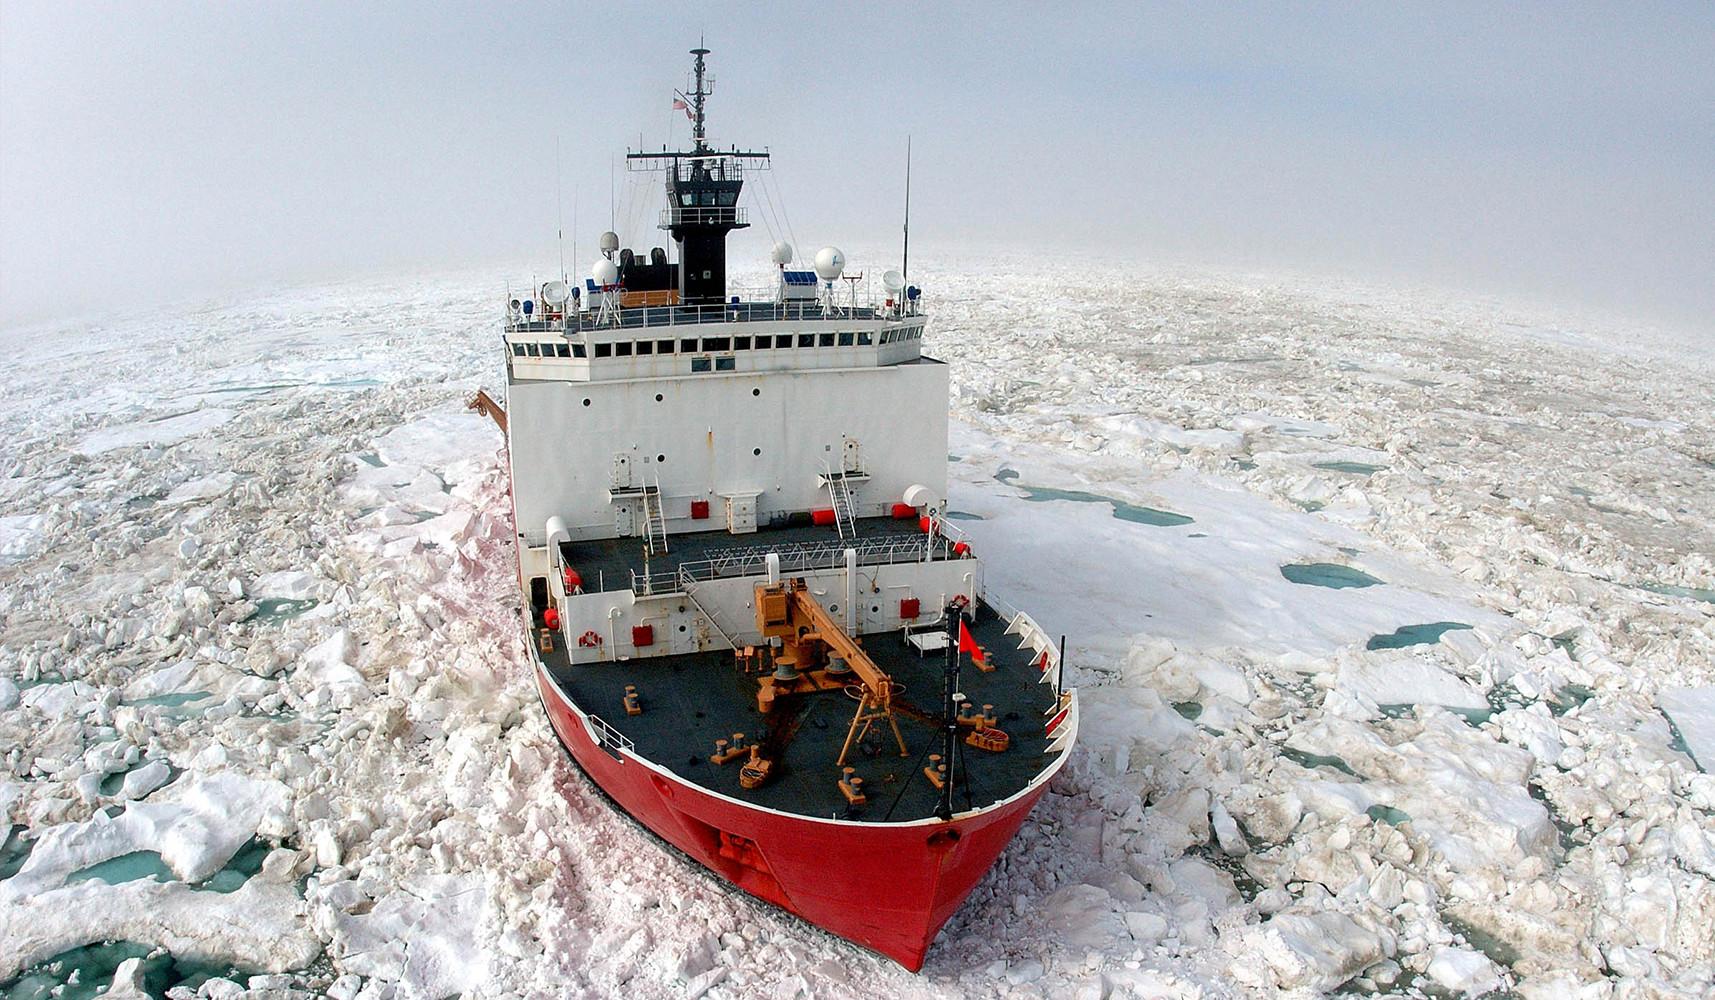 Флагман береговой Охраны США в Арктике.